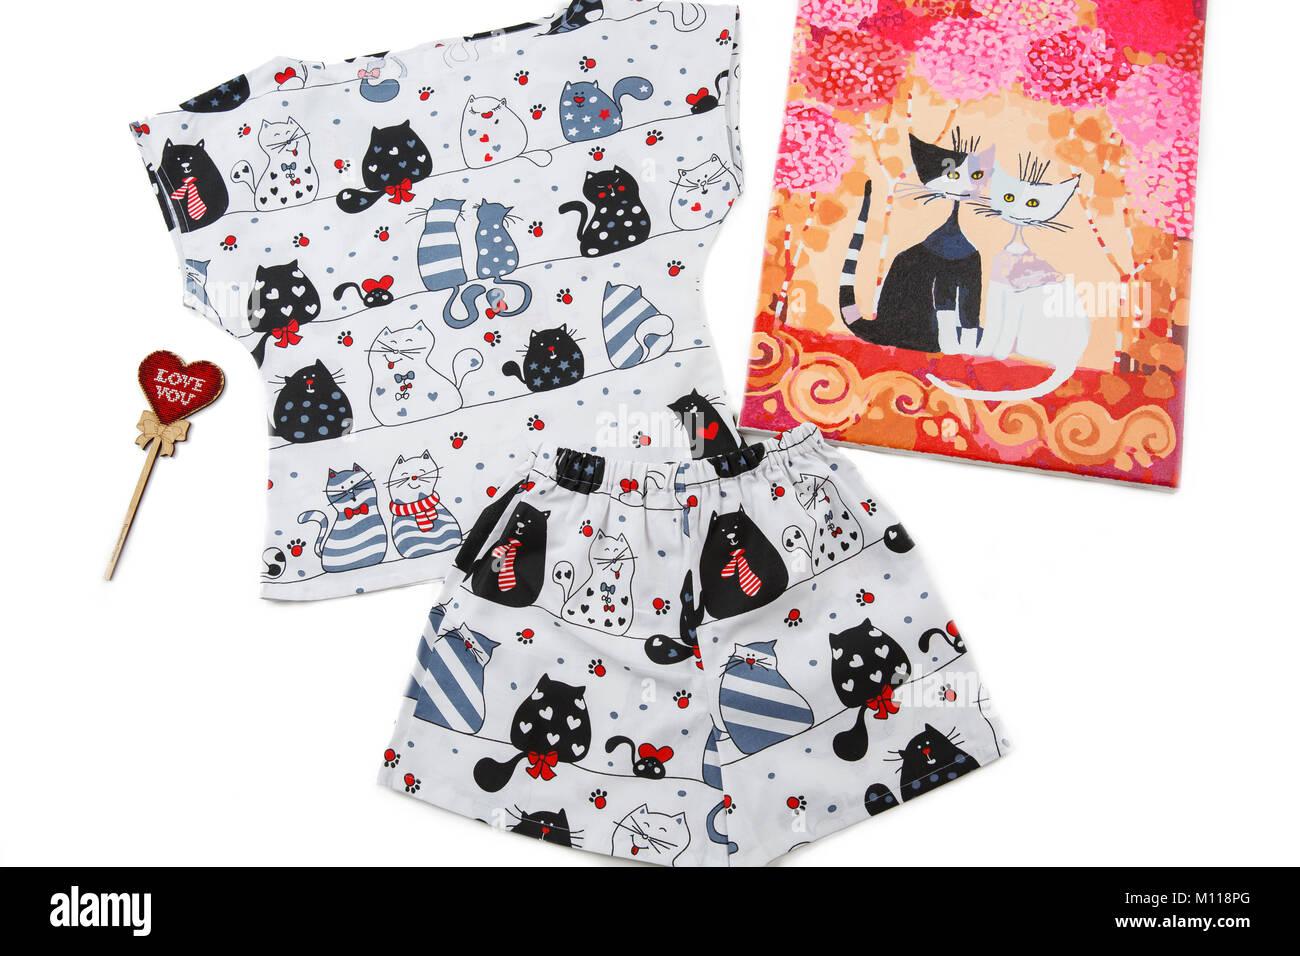 e9b6390b1033 Pijama sobre fondo blanco. Hermosas pijamas suaves con gatos. imagen con  gatos enamorado.